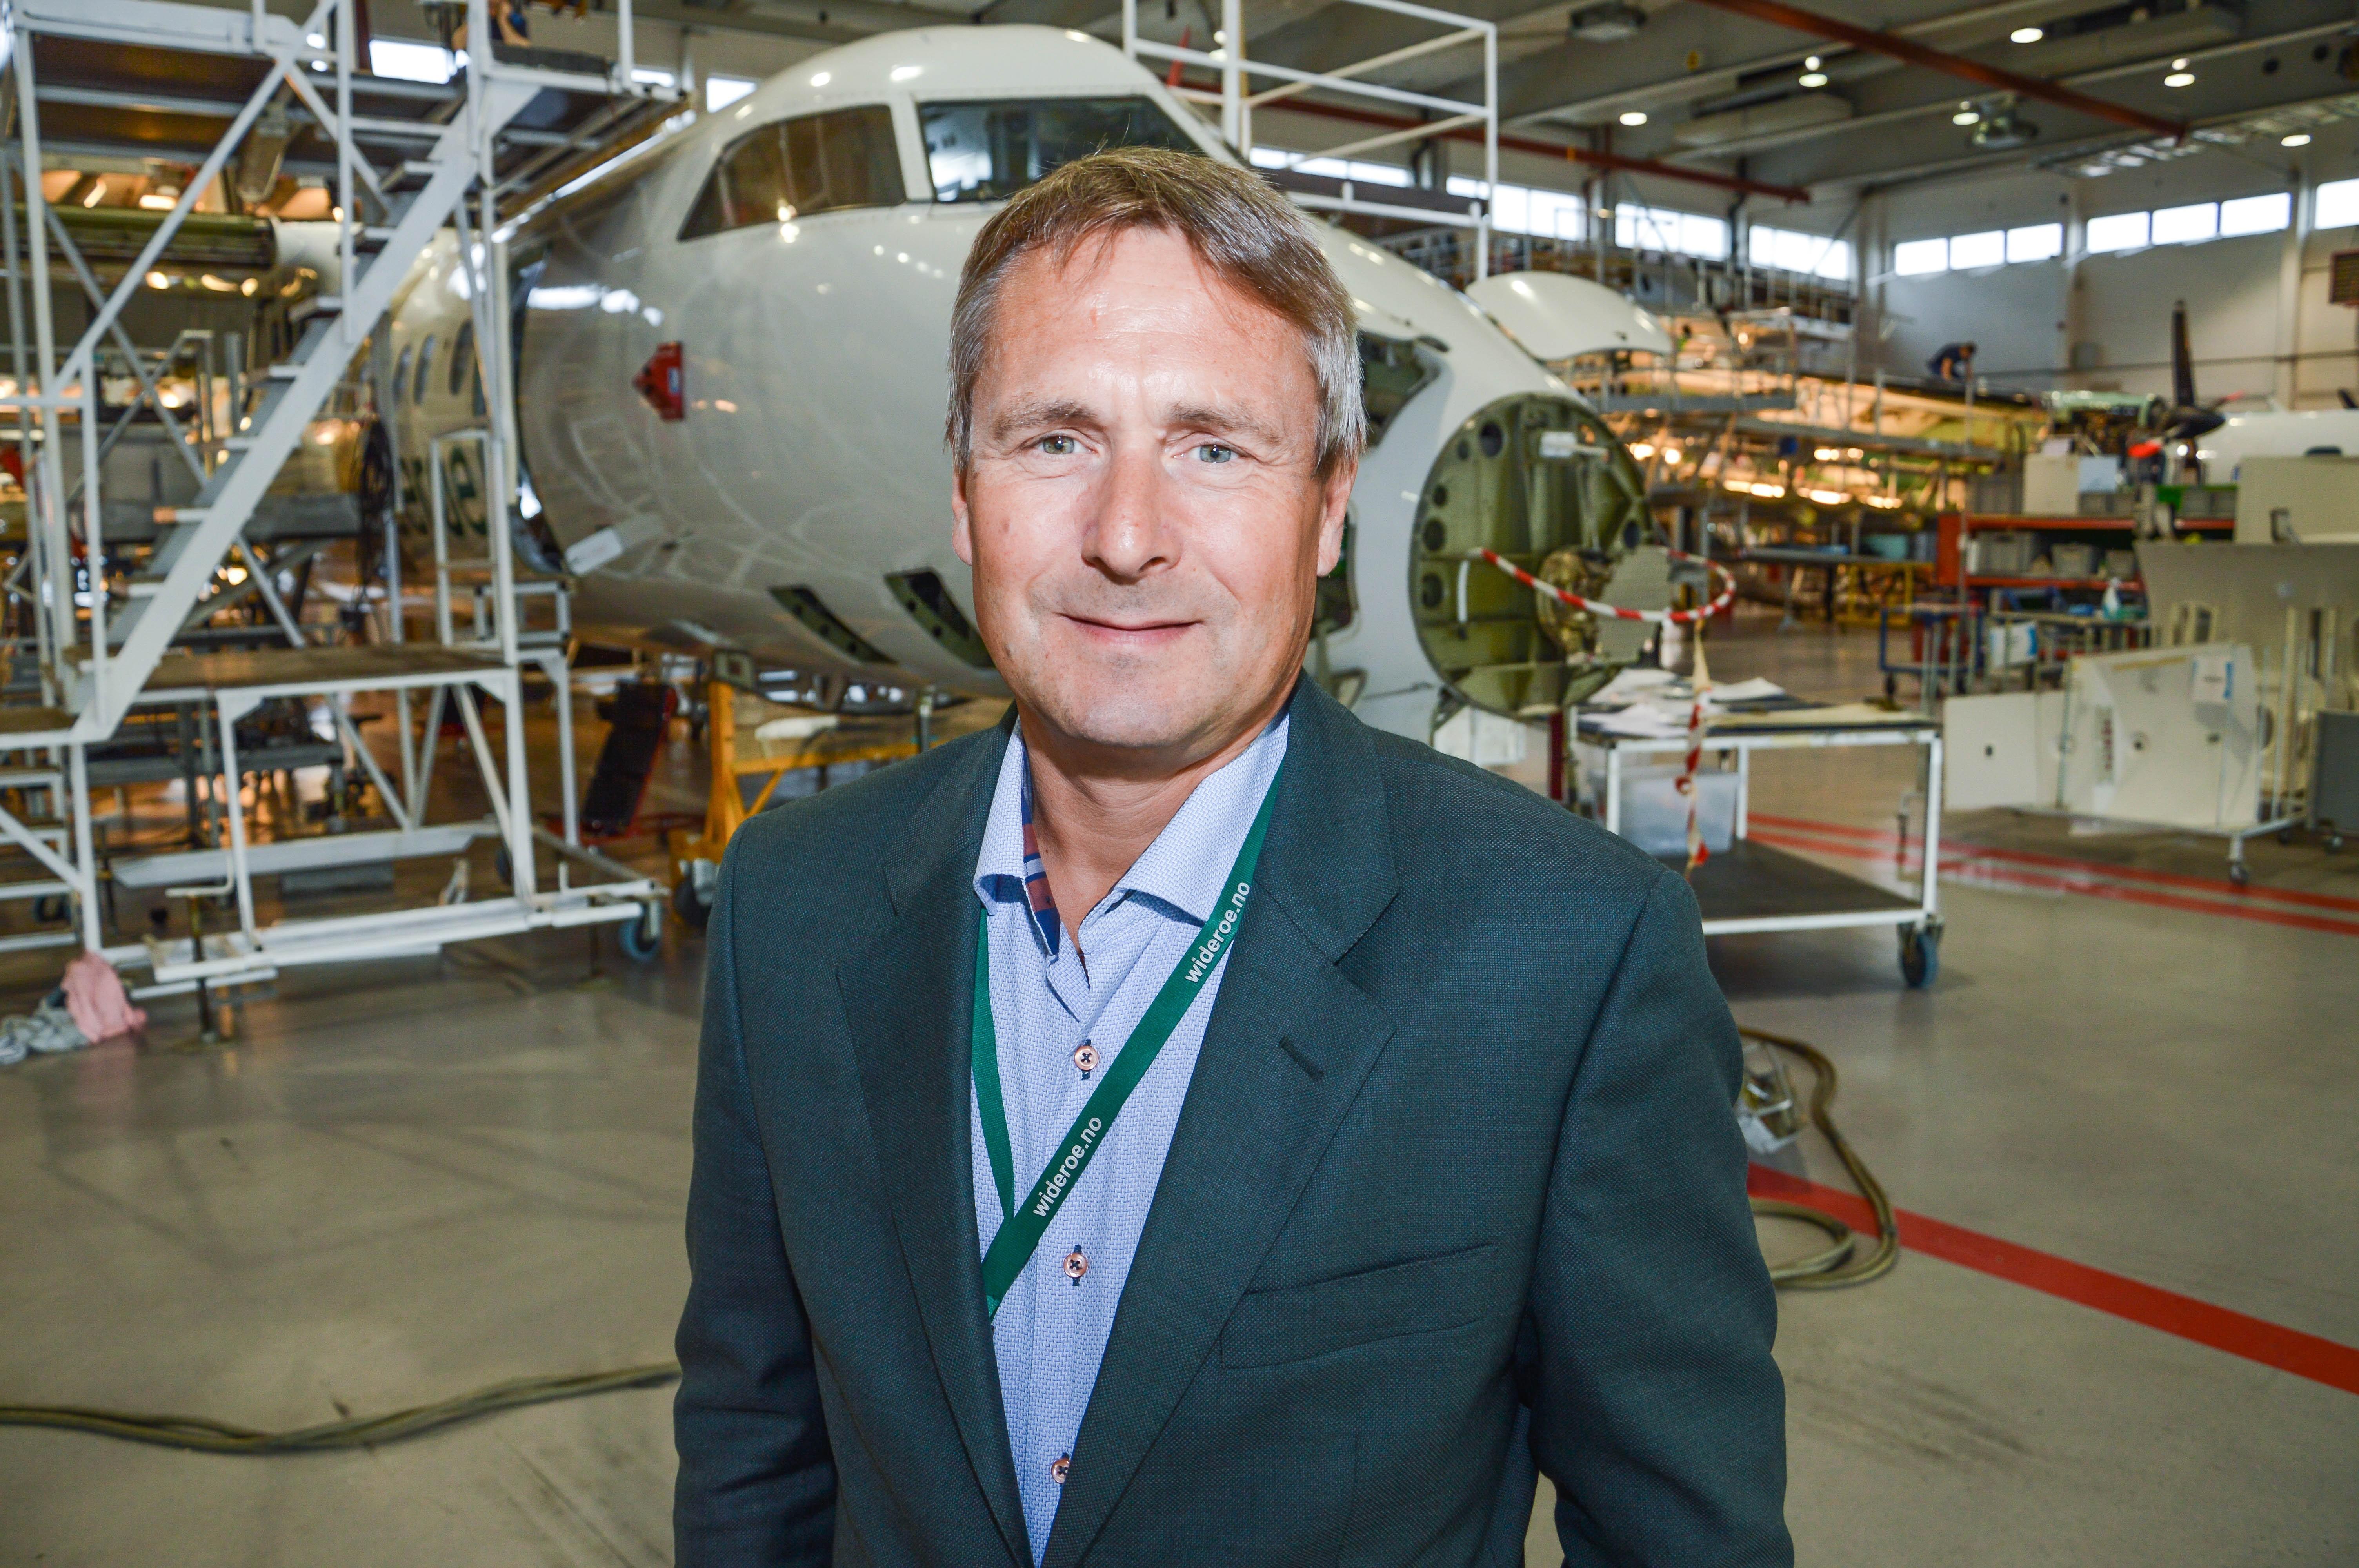 Administrerende direktør Stein Nilsen i hangaren i Bodø, hvor flere fly står inne for demontering før inspeksjon.